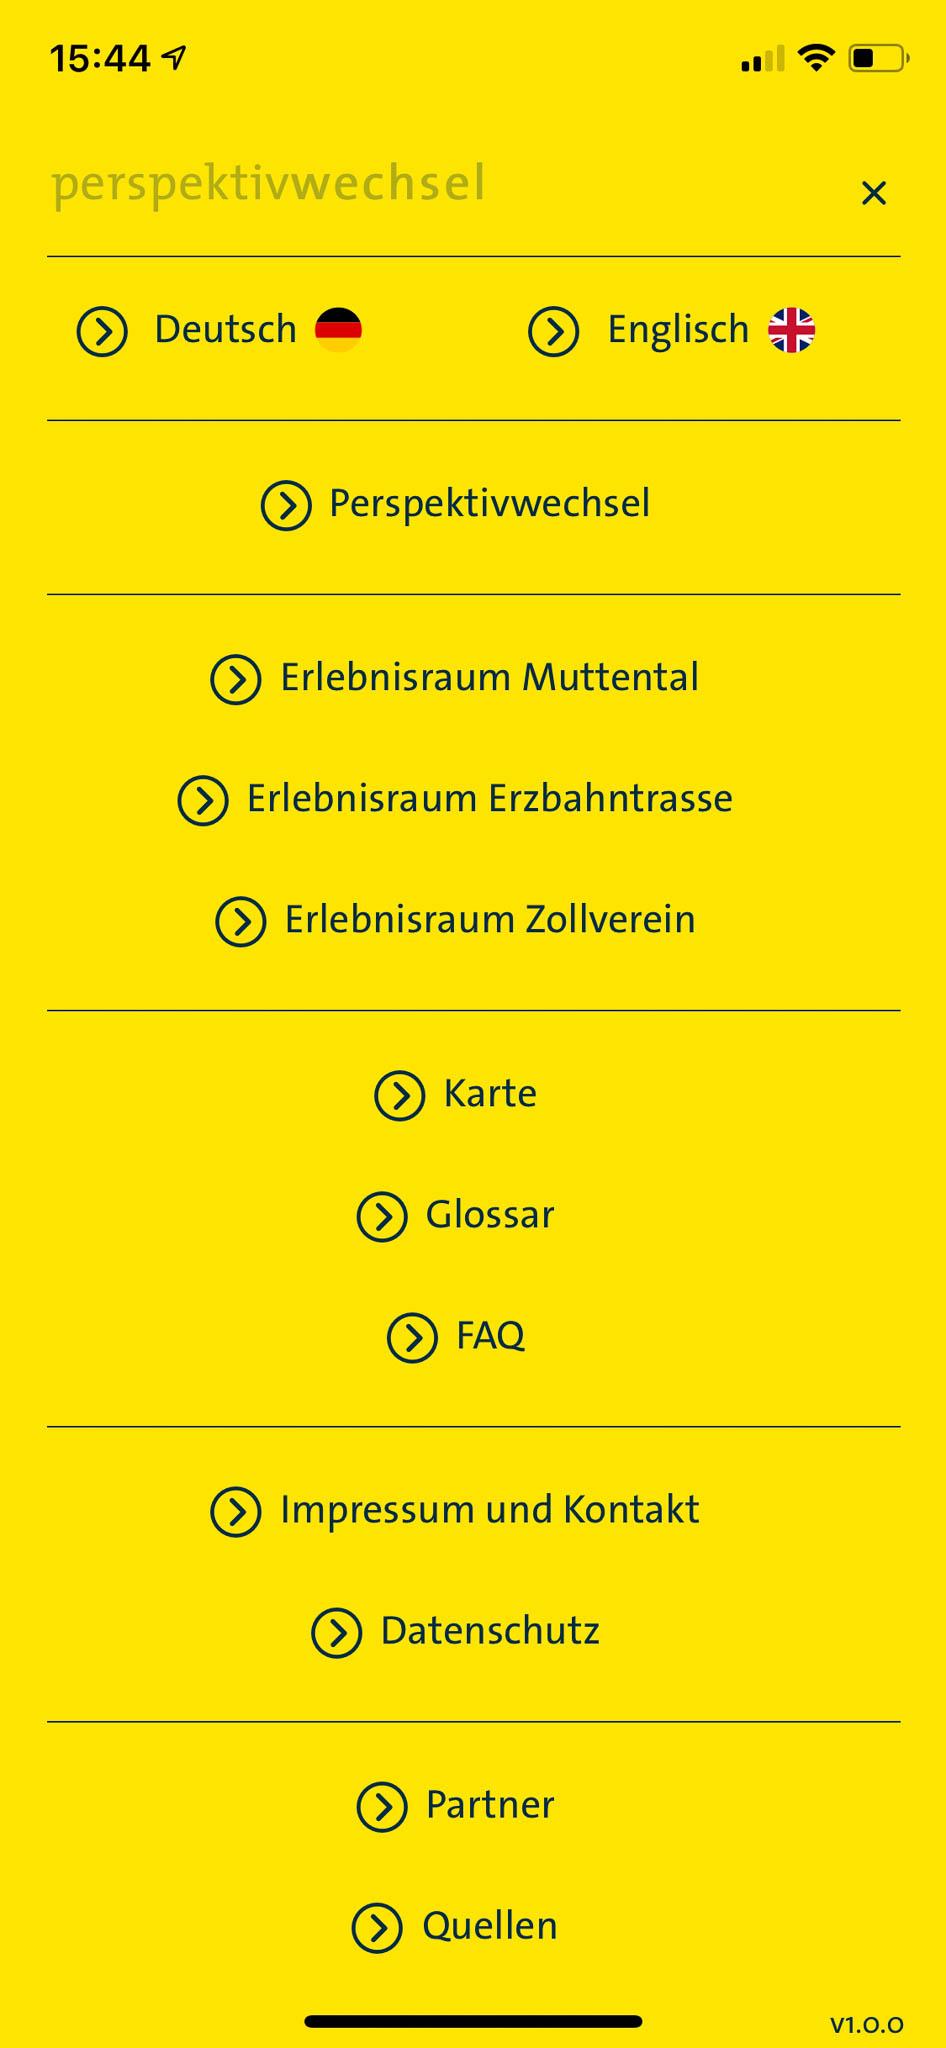 Über das Burger-Menü sind zentrale Navigationselemente erreichbar. Unter anderem kann hier zwischen Deutsch und Englisch umgeschaltet werden.